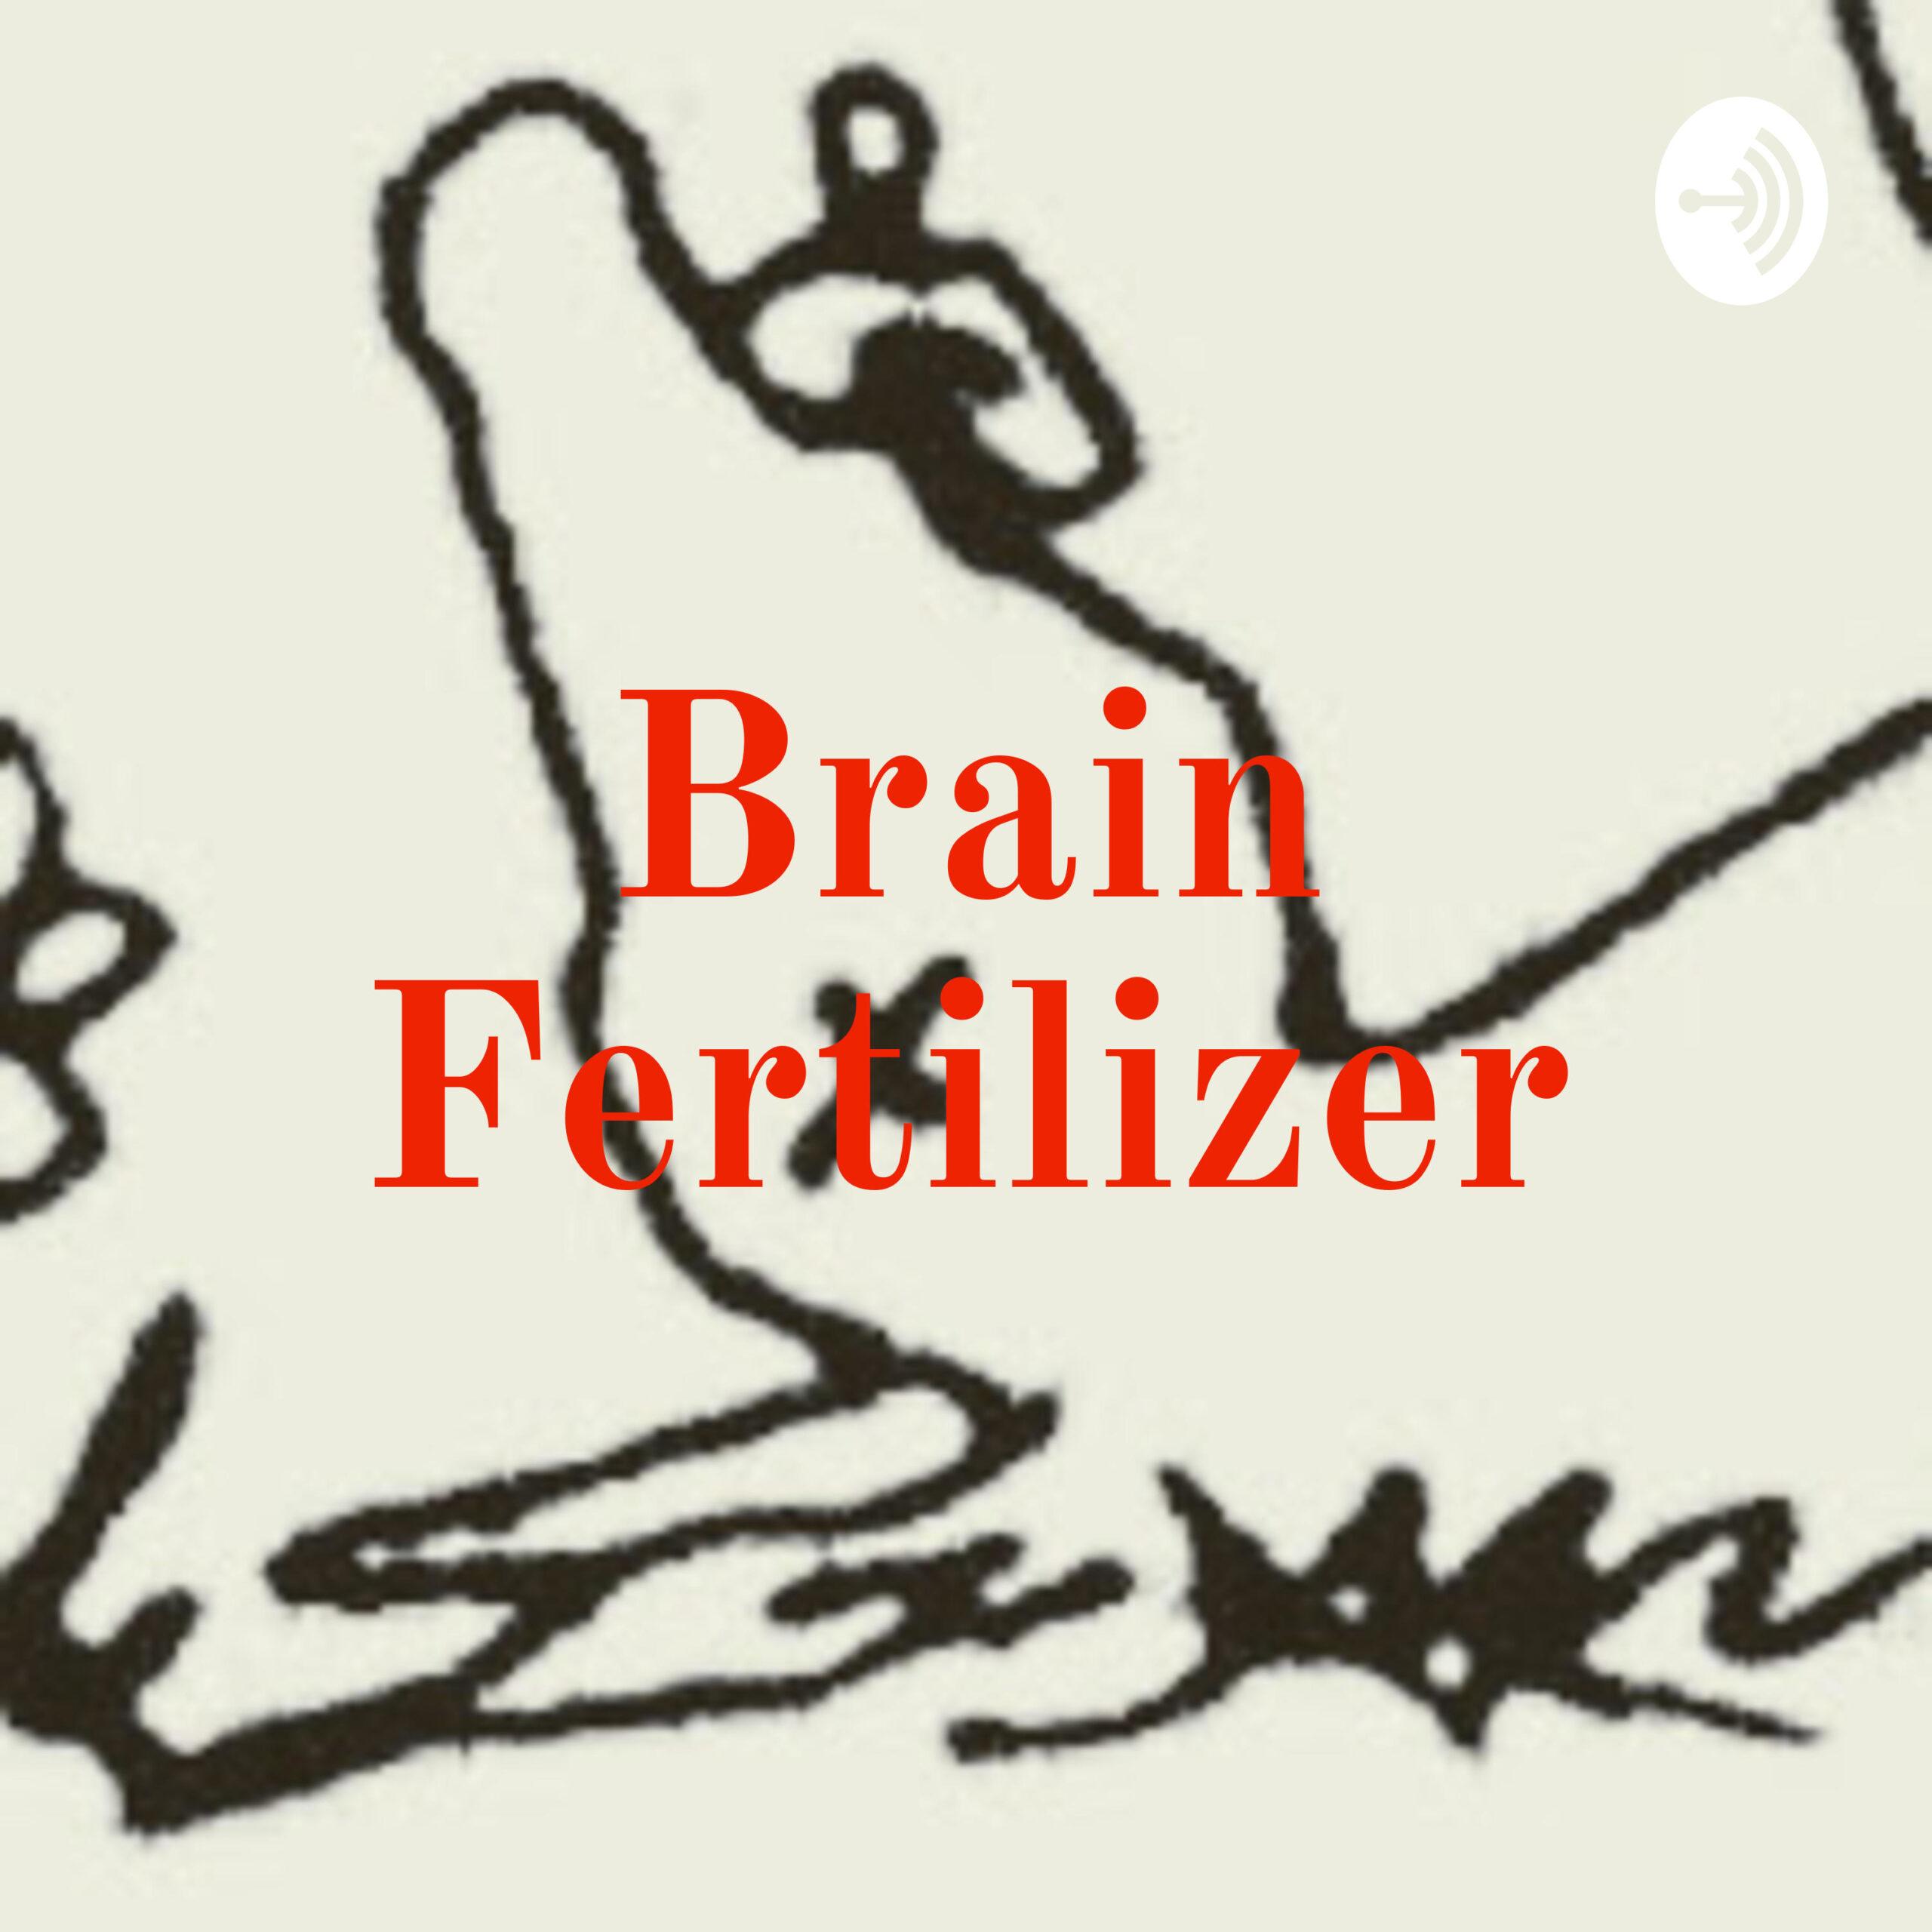 Brain Fertilizer